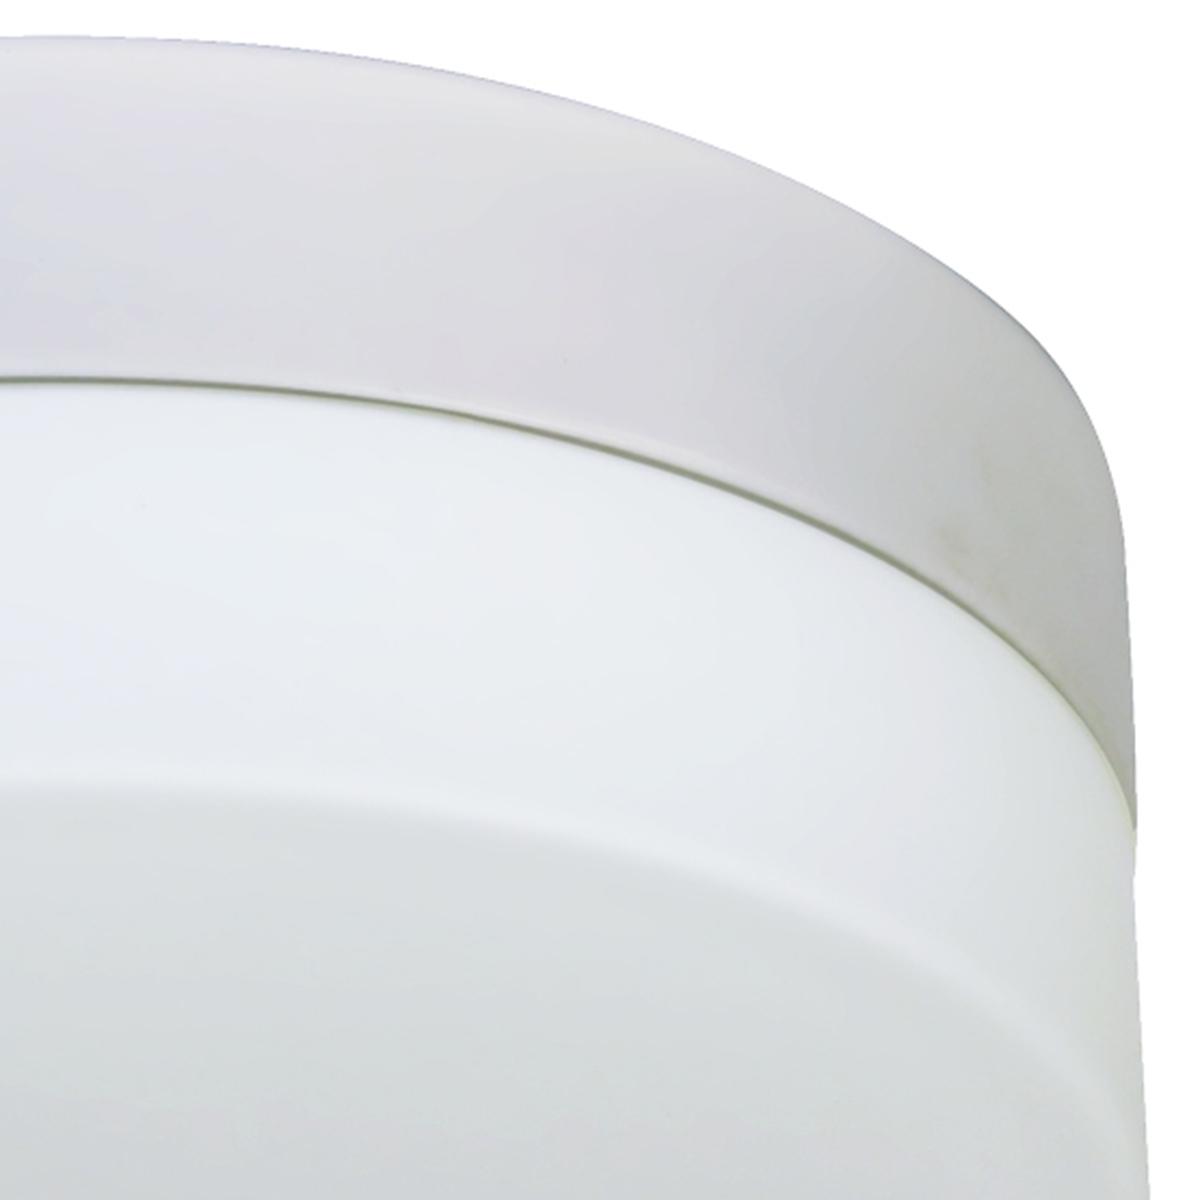 Plafon Belle Redondo 19cm Vidro Leitoso 1 Lamp. E-27 Max 60w Base Branco